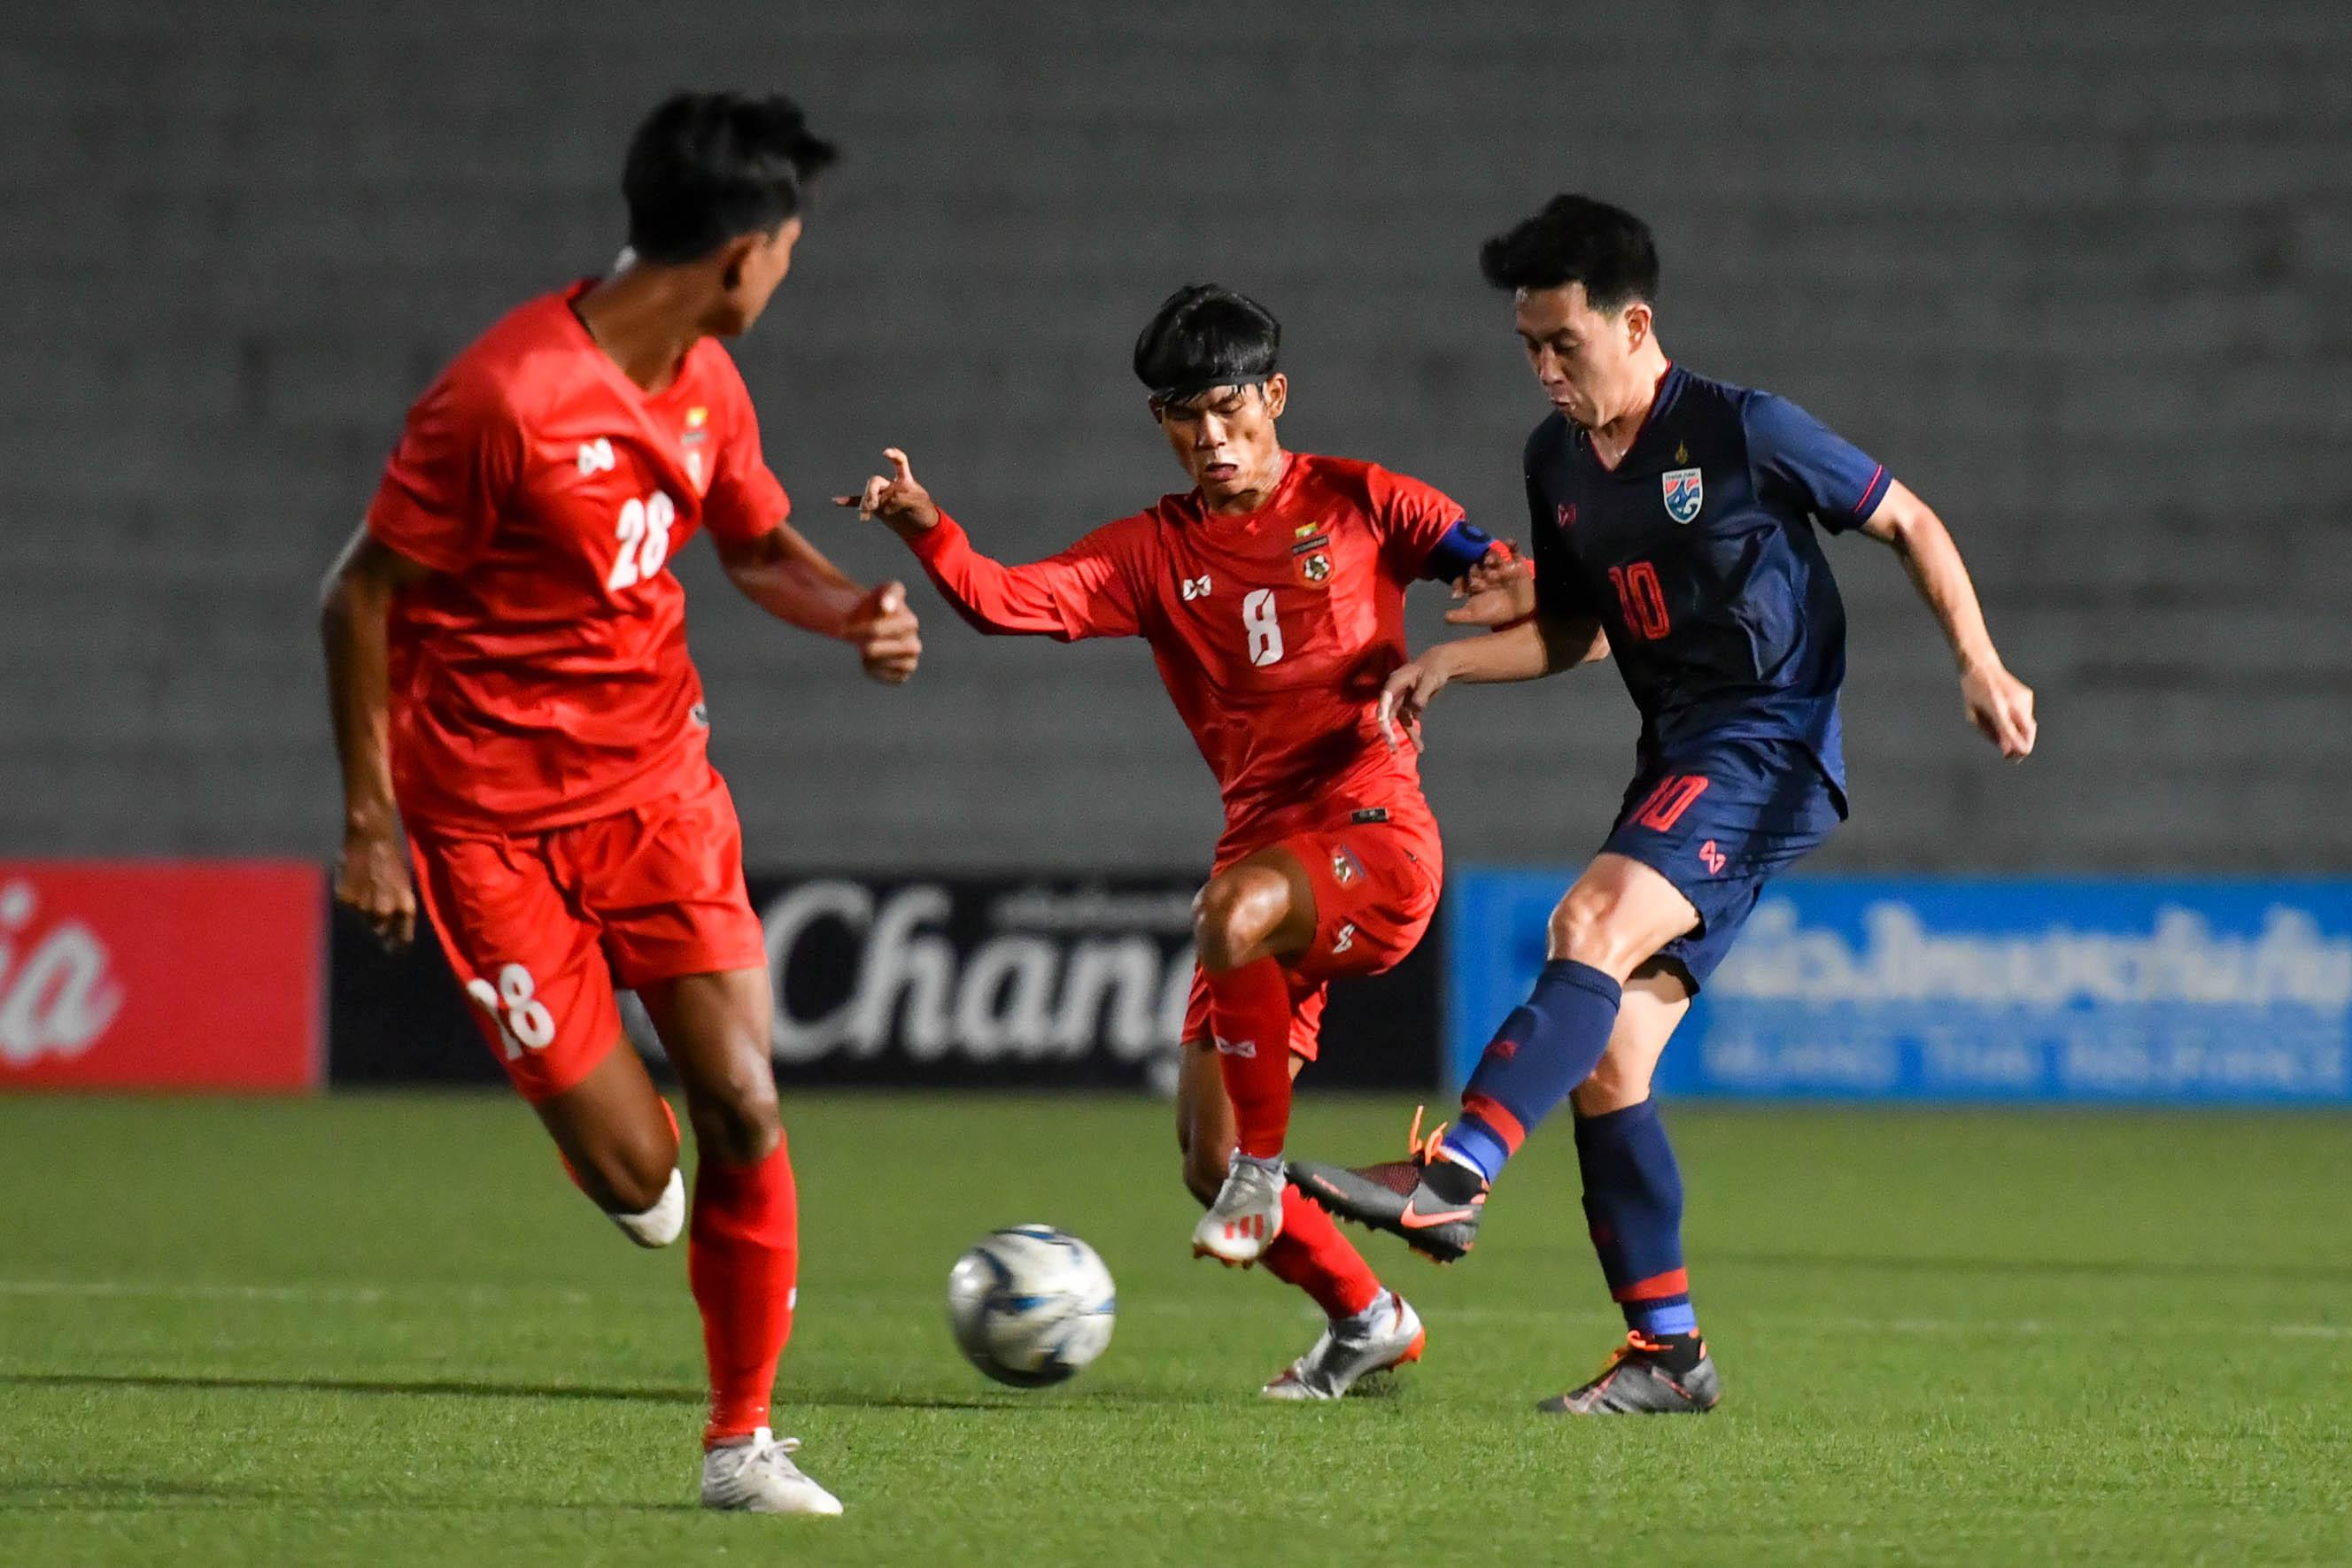 วรชิต กนิตศรีบำเพ็ญ ทีมชาติไทยชุดซีเกมส์